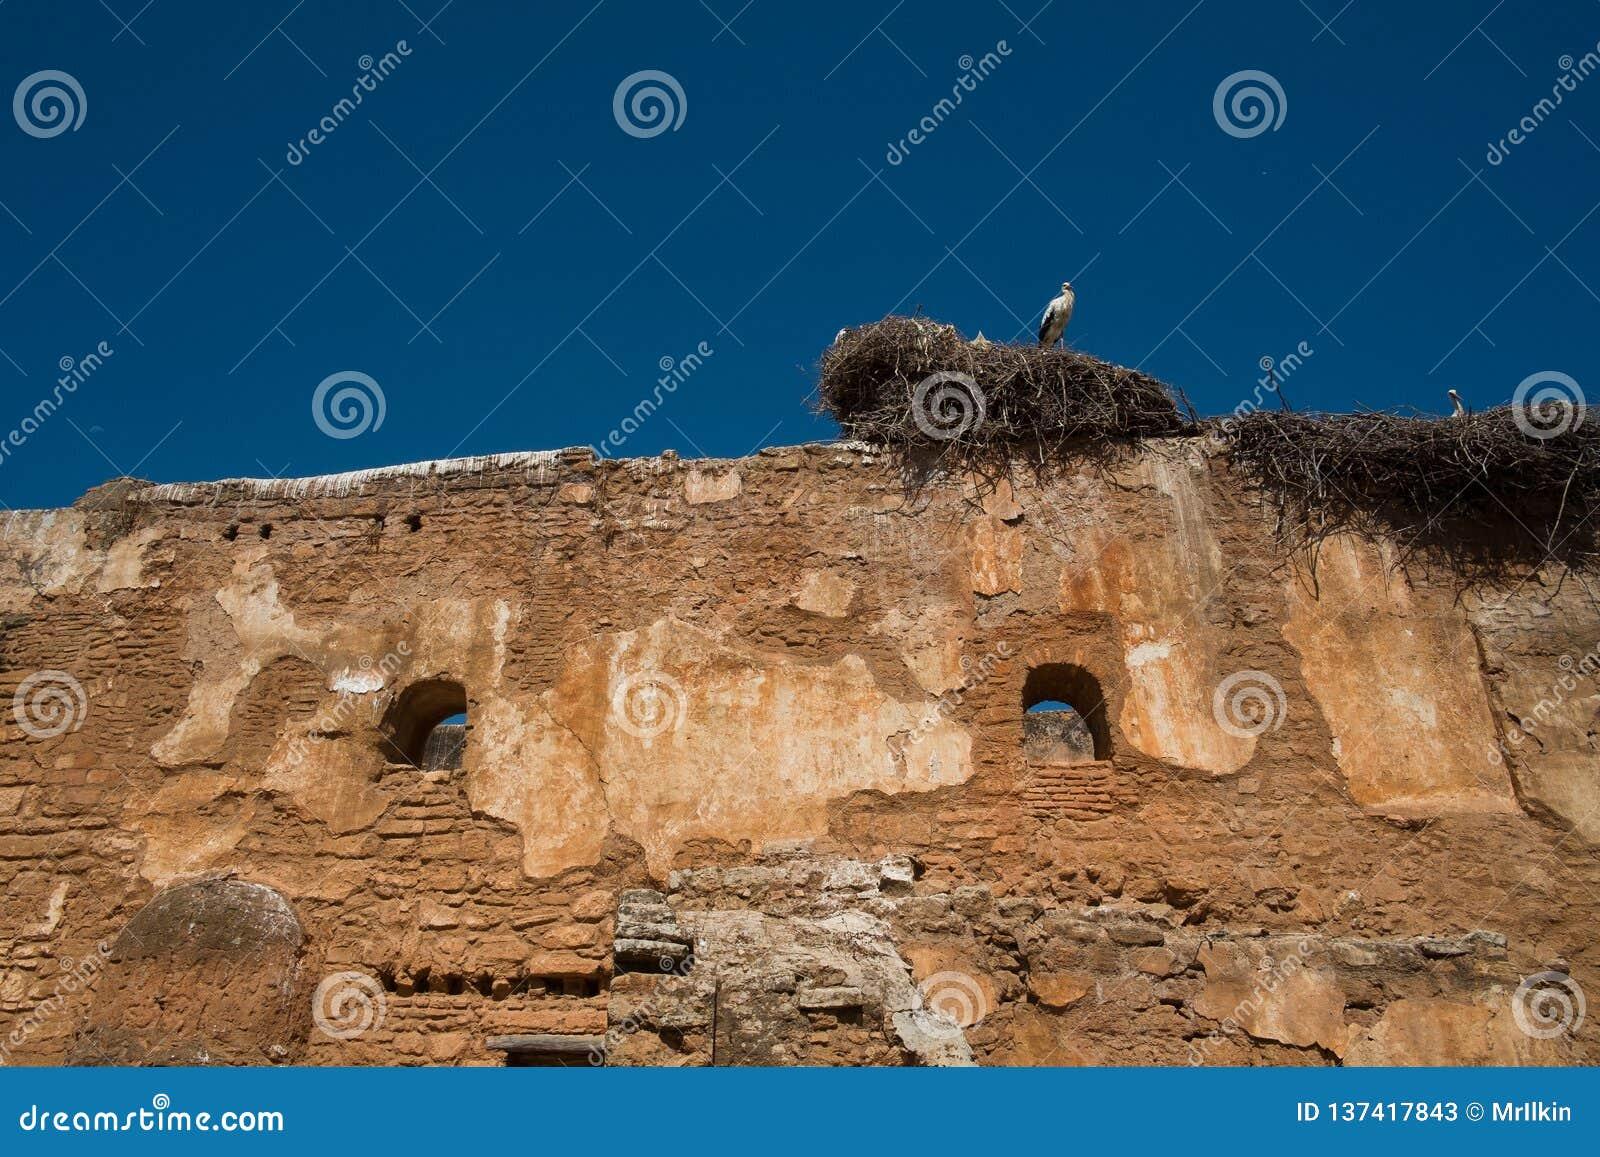 Ooievaar in het nest tegen de blauwe hemel op de oude muur van de ruïnes